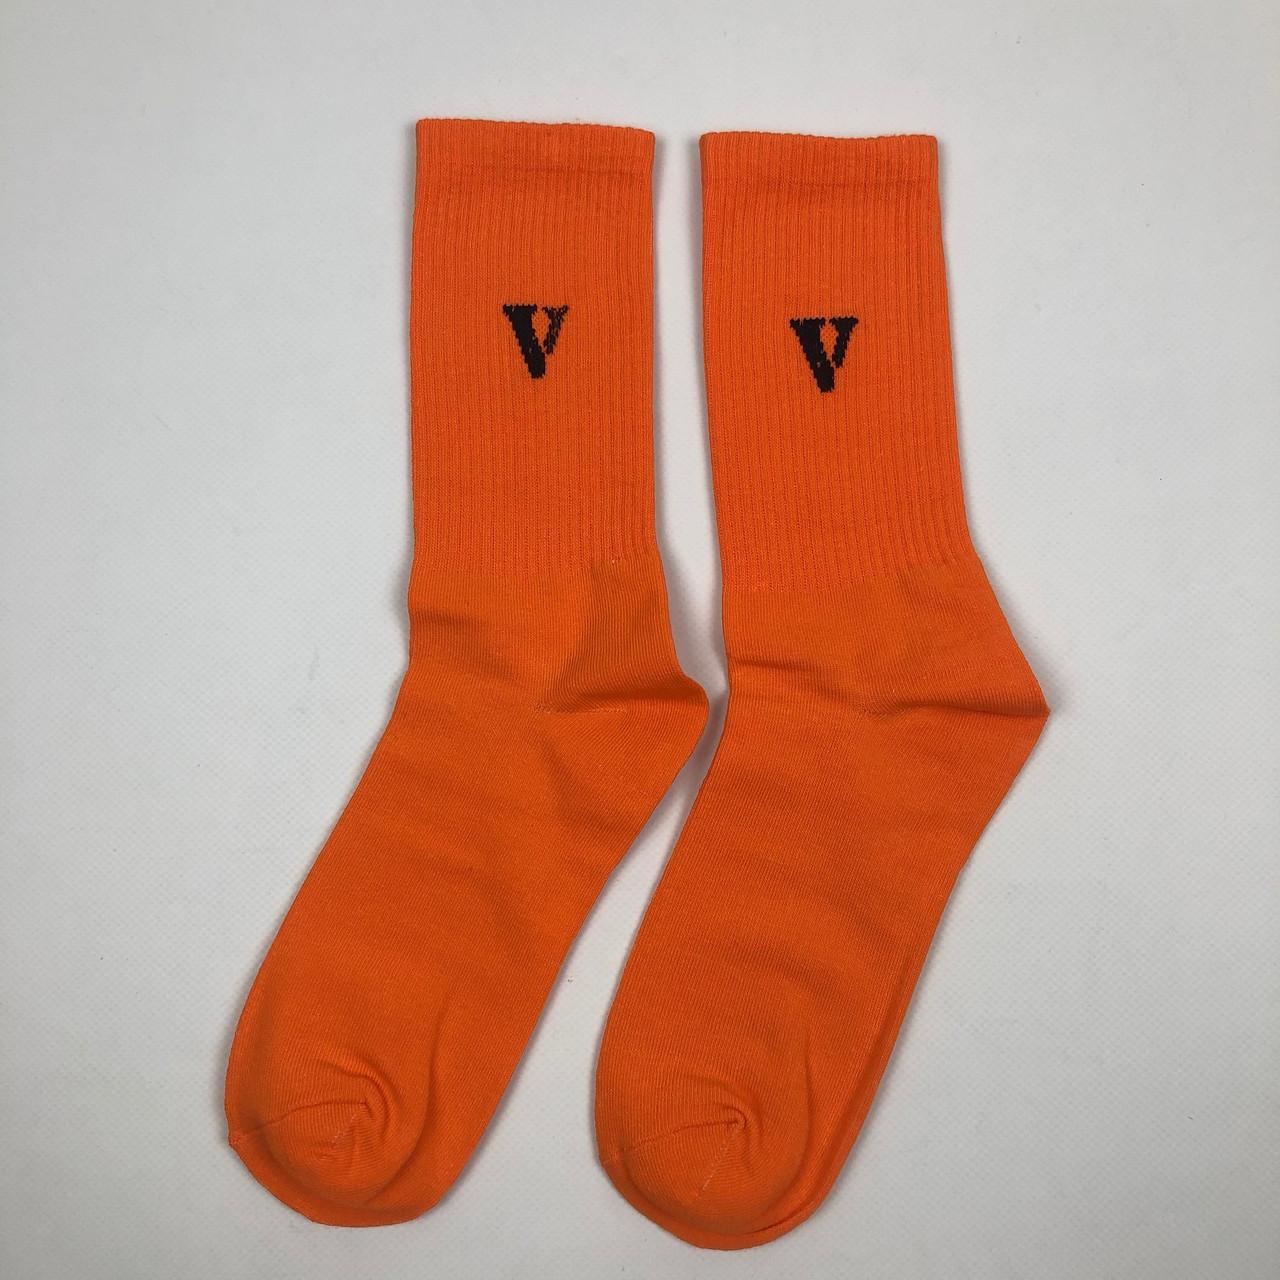 Носки Высокие Женские Мужские Vlone V Оранжевые 37-43